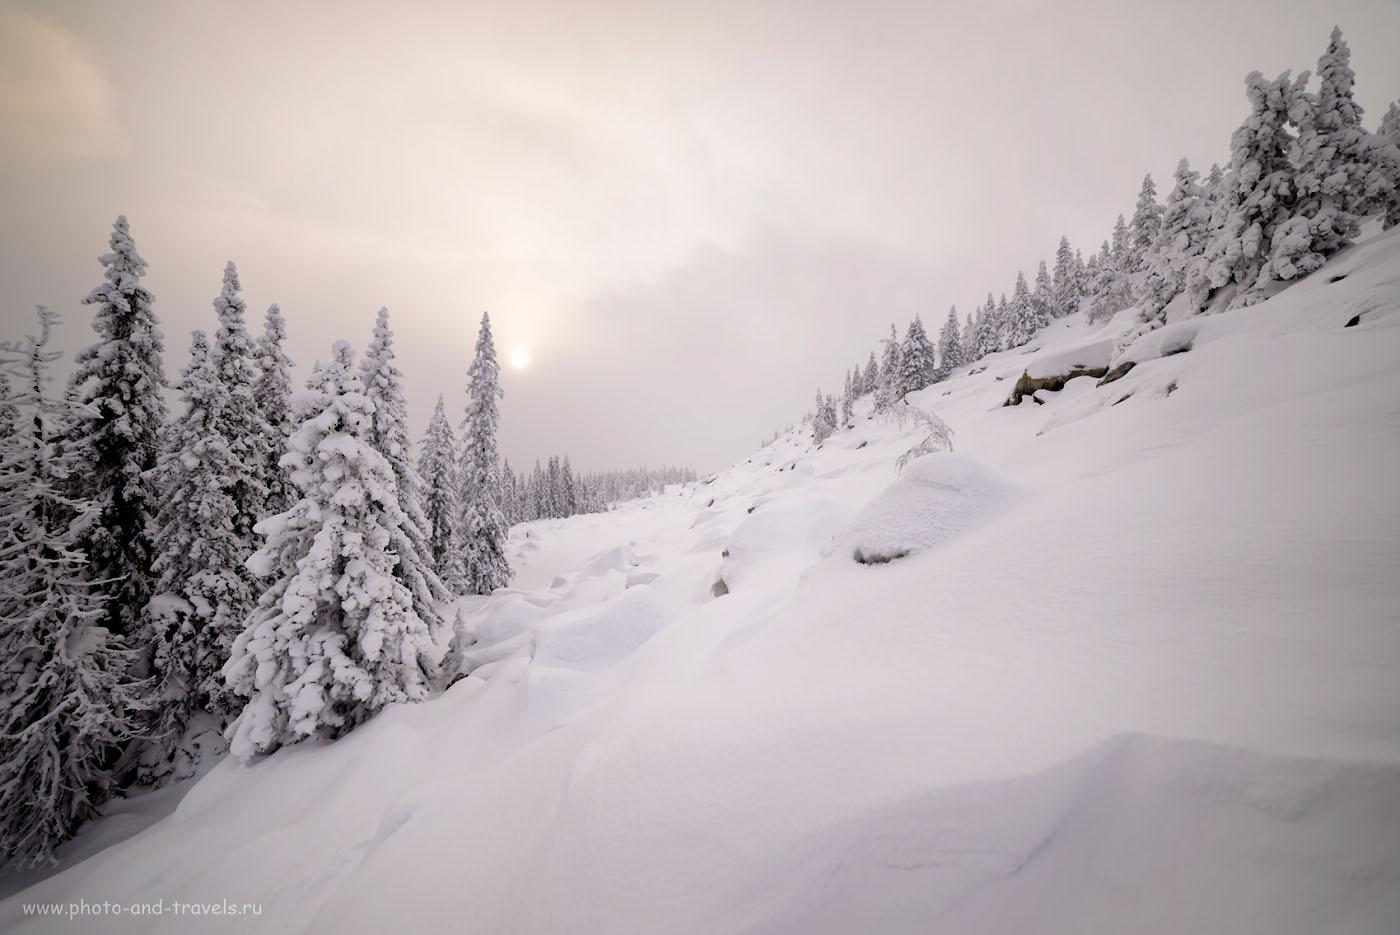 Фотография 15. Курумы у вершины Зюраткуля спят под снежным одеялом. 1/500, 1.0, 2.8, 100, 14.